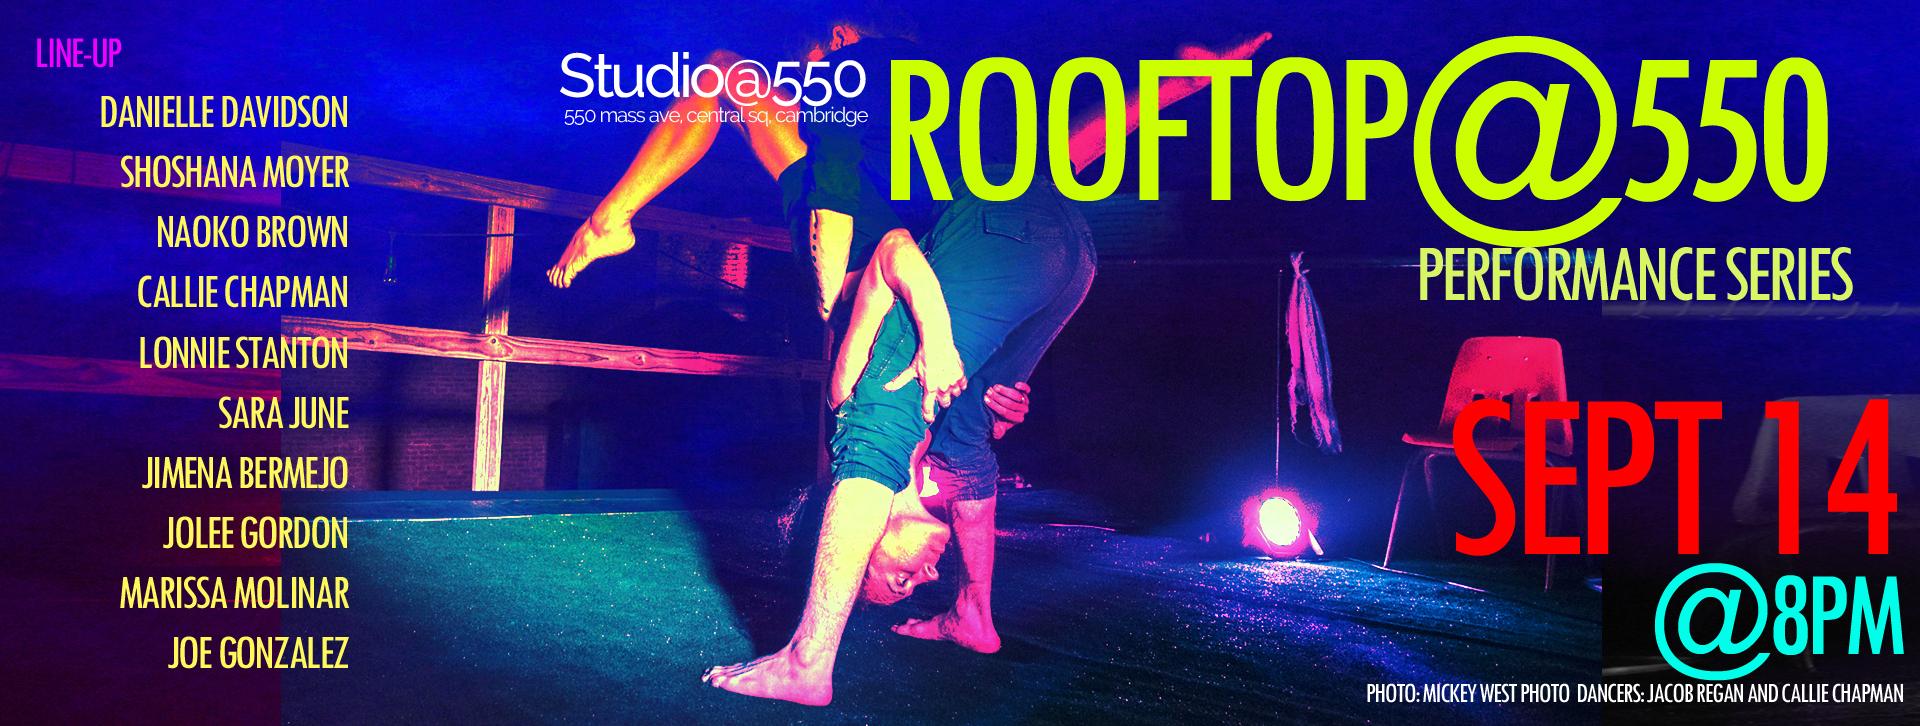 Rooftop@550